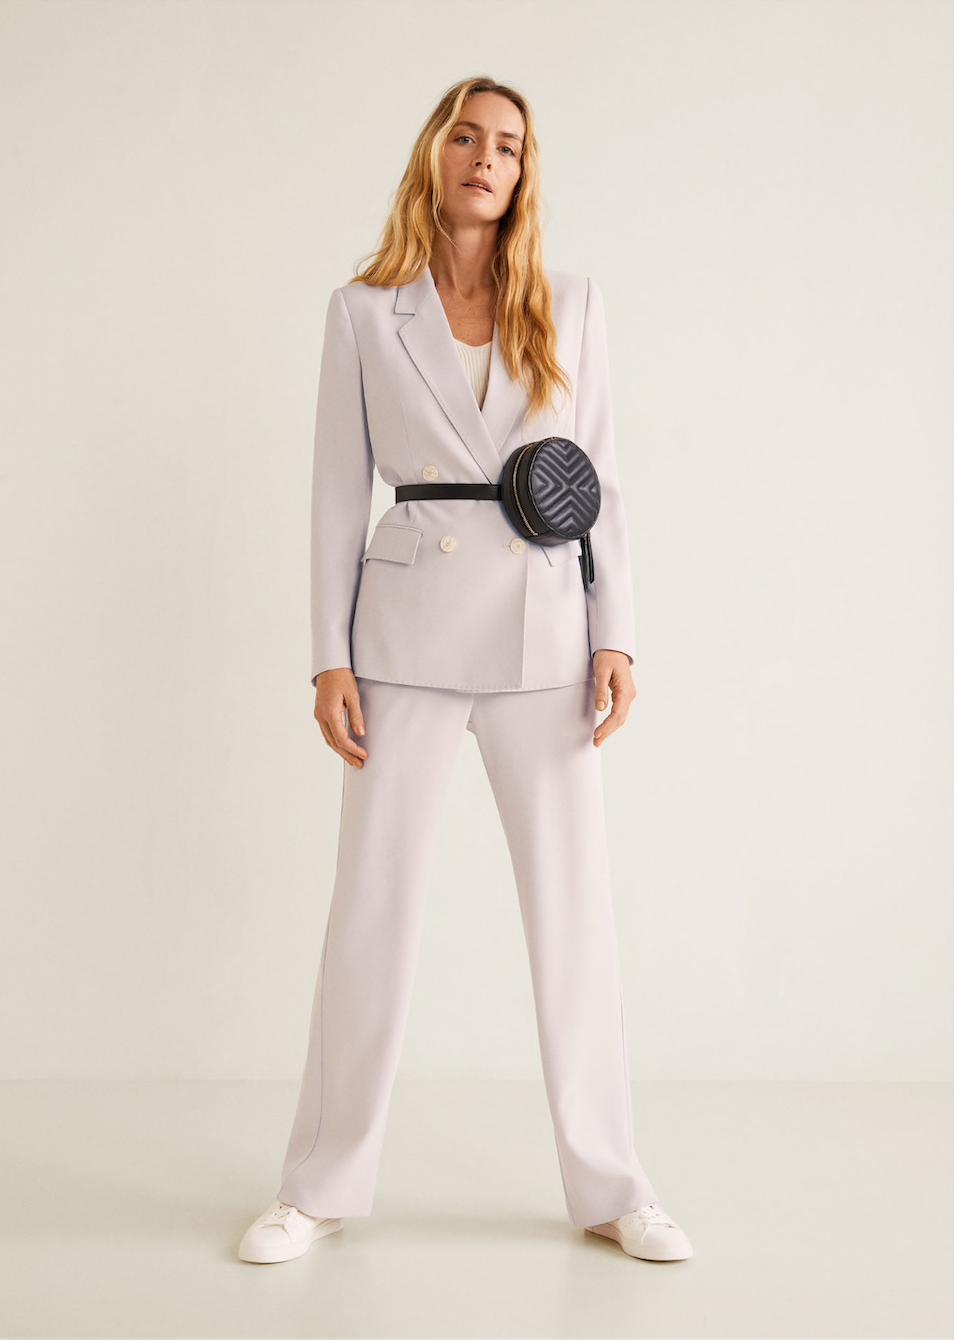 MANGO lilac suit jacket, $149.95    MANGO lilac suit pants, $99.95